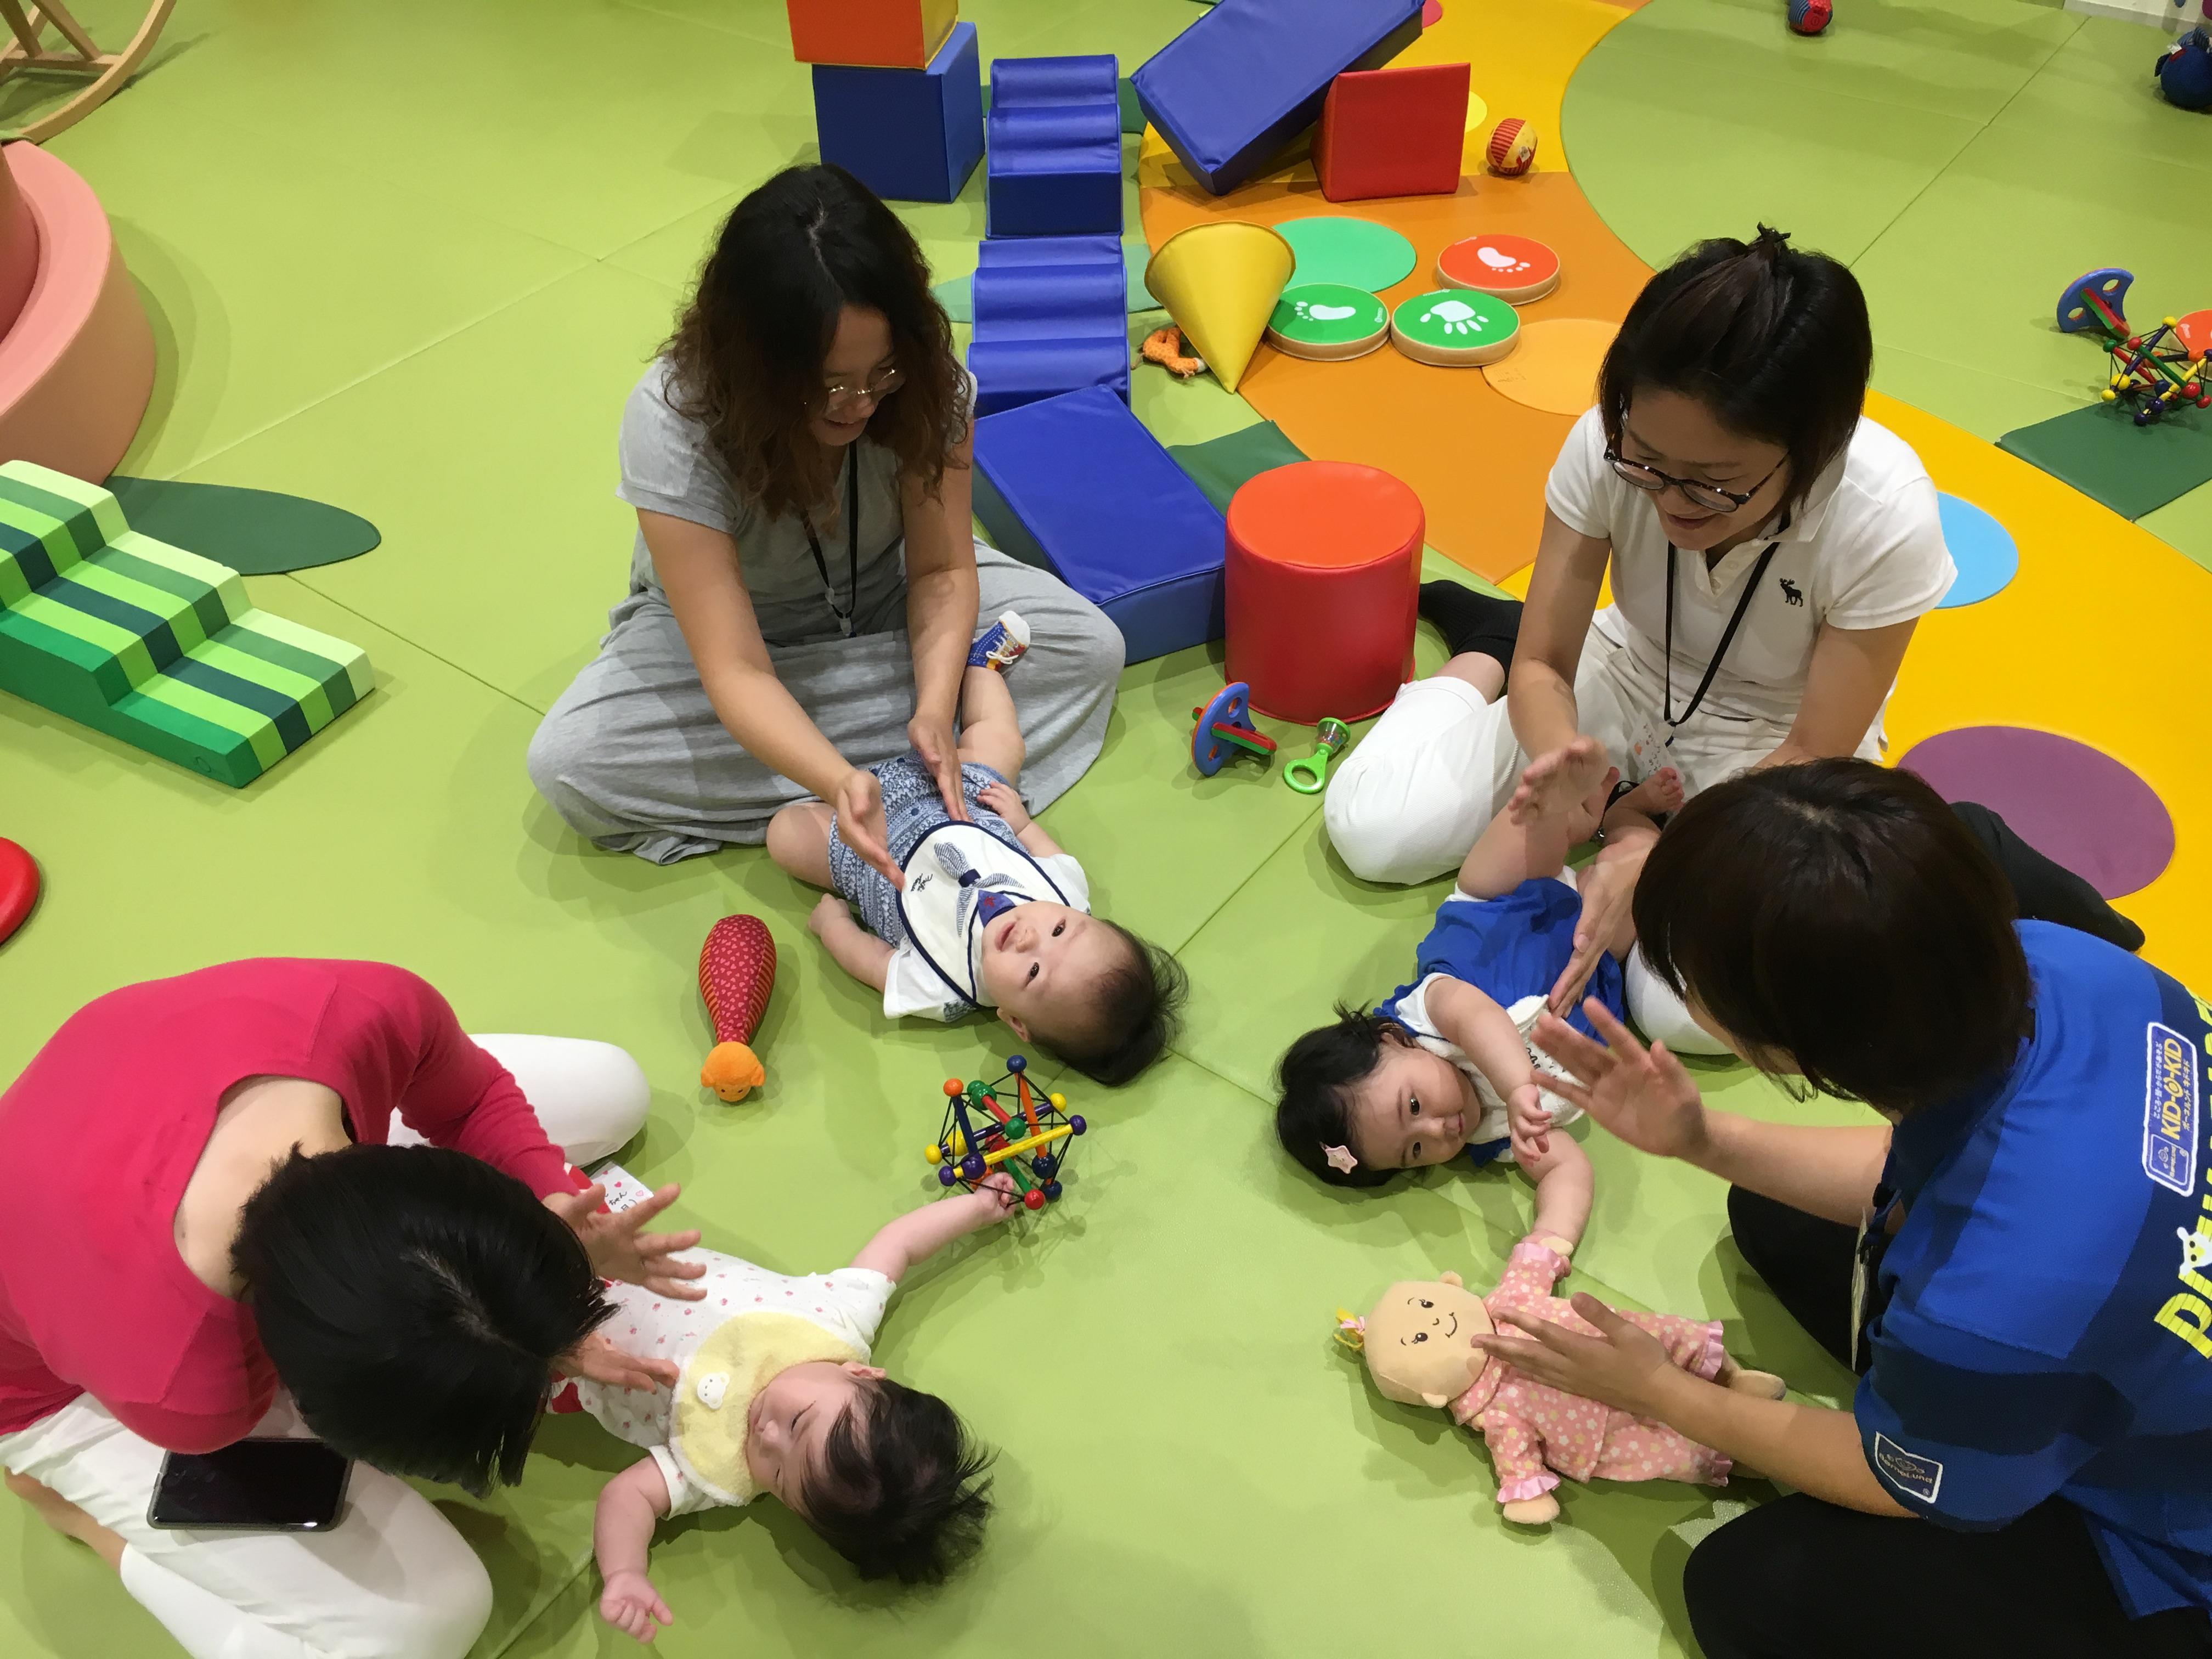 木曜日は、赤ちゃんの日イベント「ベビーガーデンであそびつくそう!」を行います